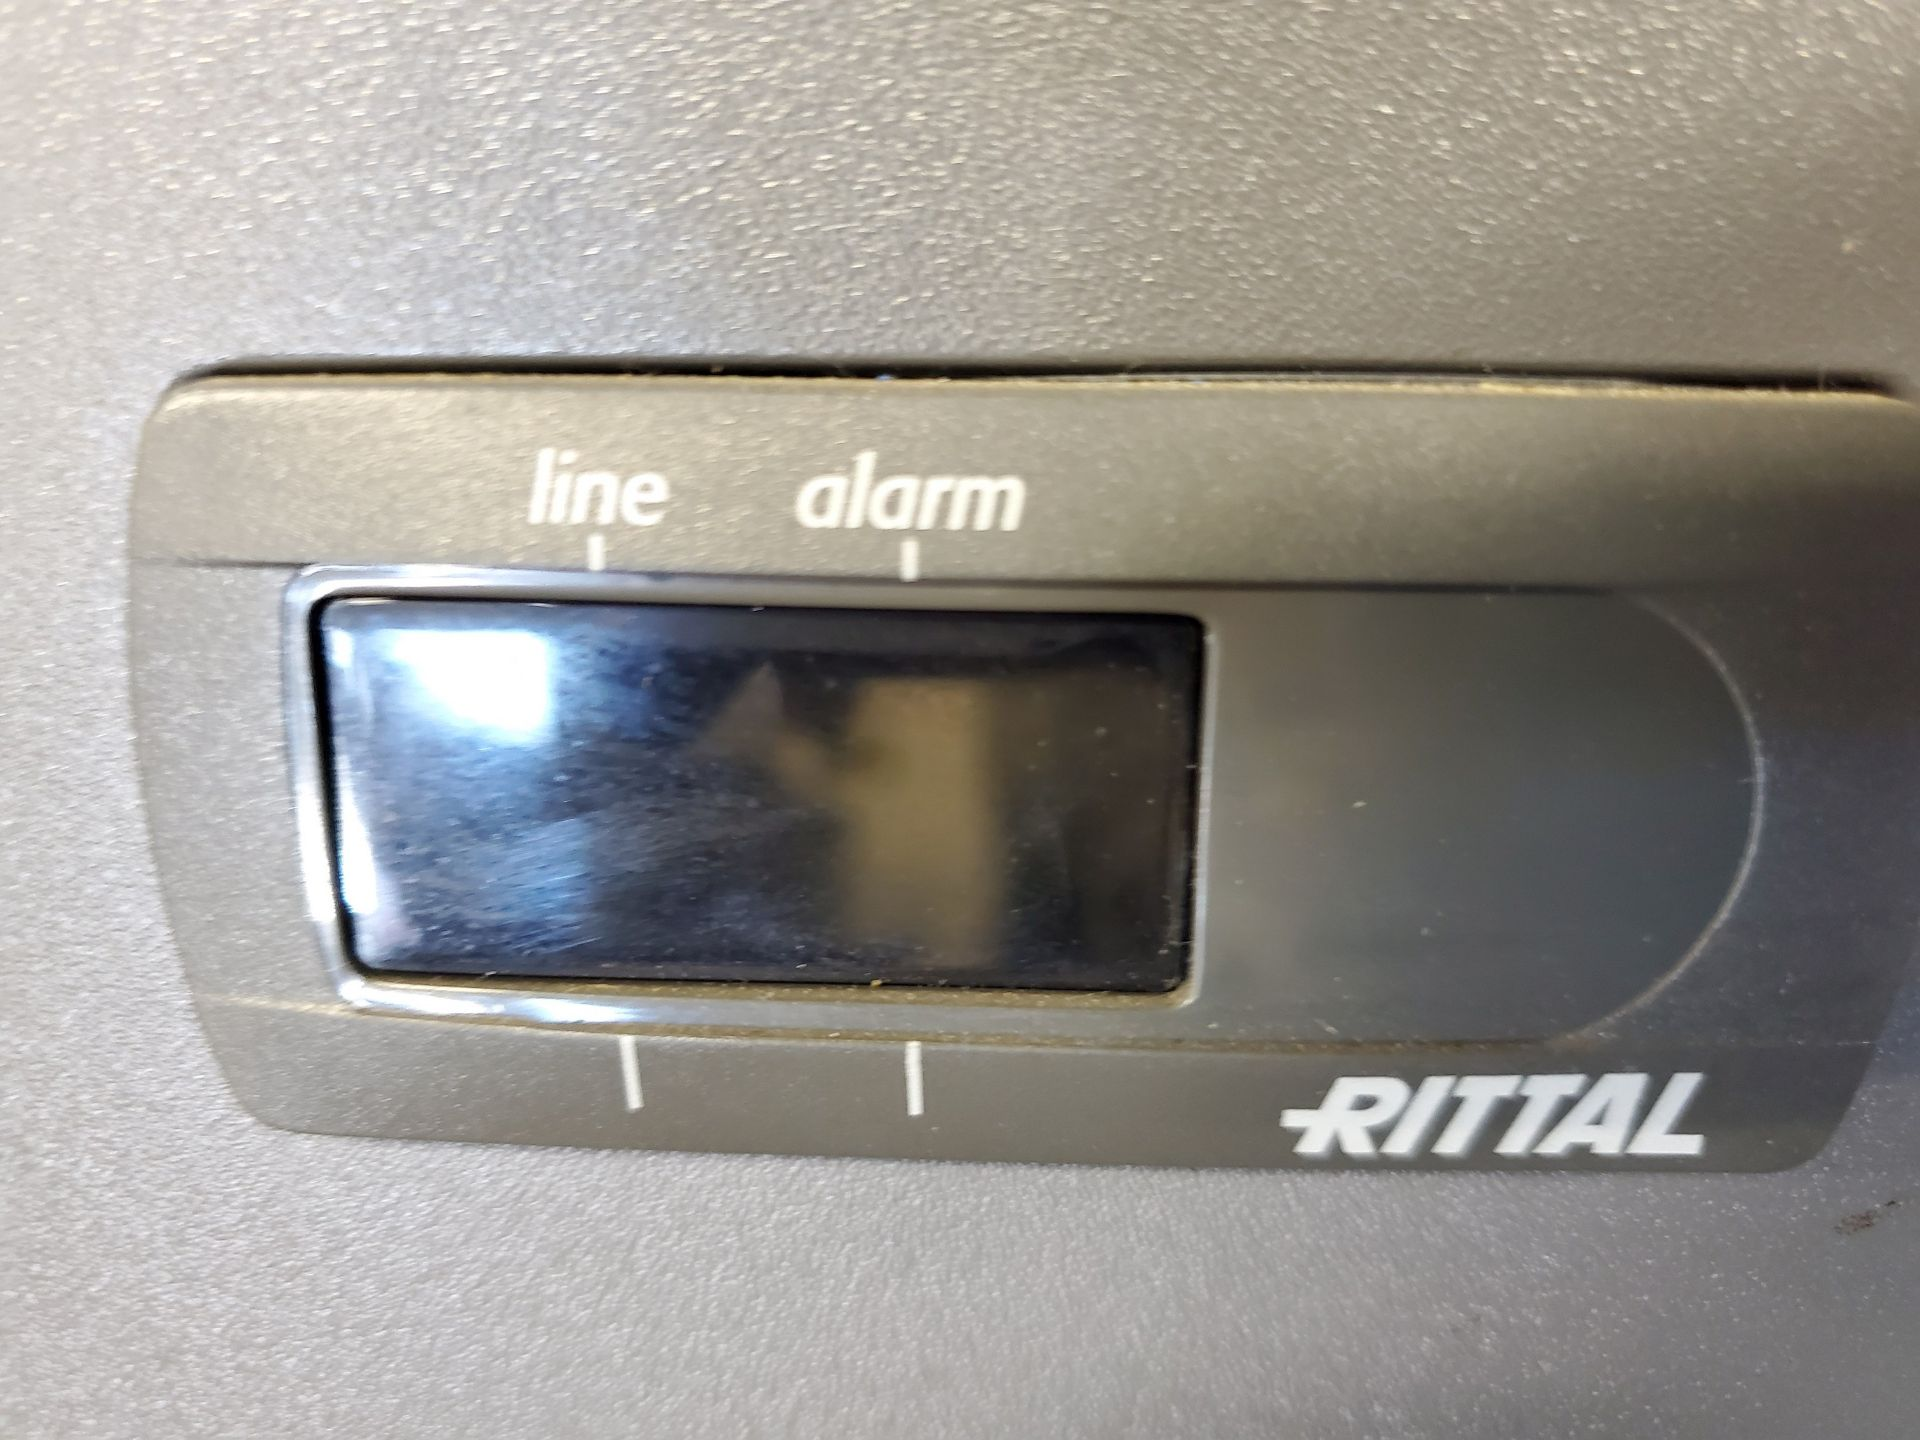 Lot 114 - RITTAL ENCLOSURE COOLING UNIT MODEL SK3329149, 460/60/3, R 134A, (2012), S/N US000166